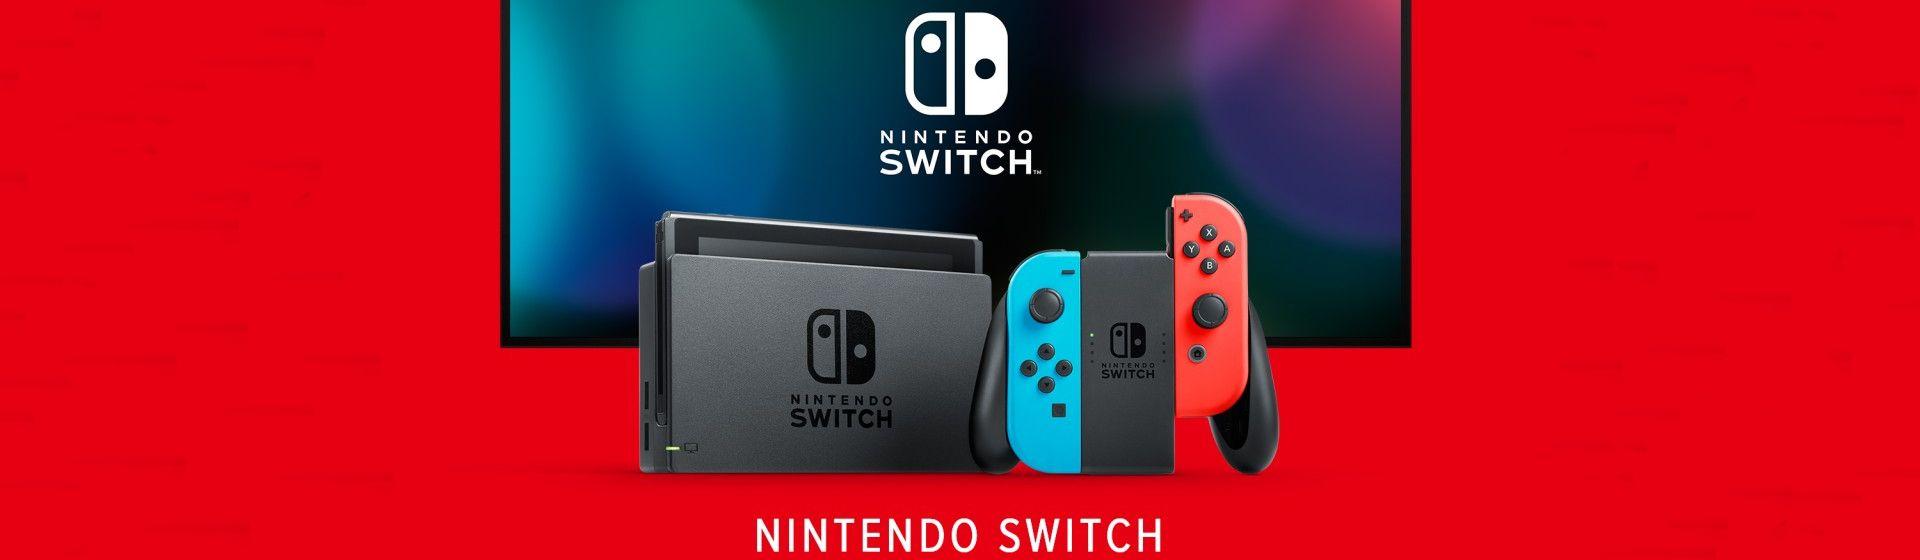 Nintendo anuncia lançamento do Switch no Brasil; preço será R$ 2.999